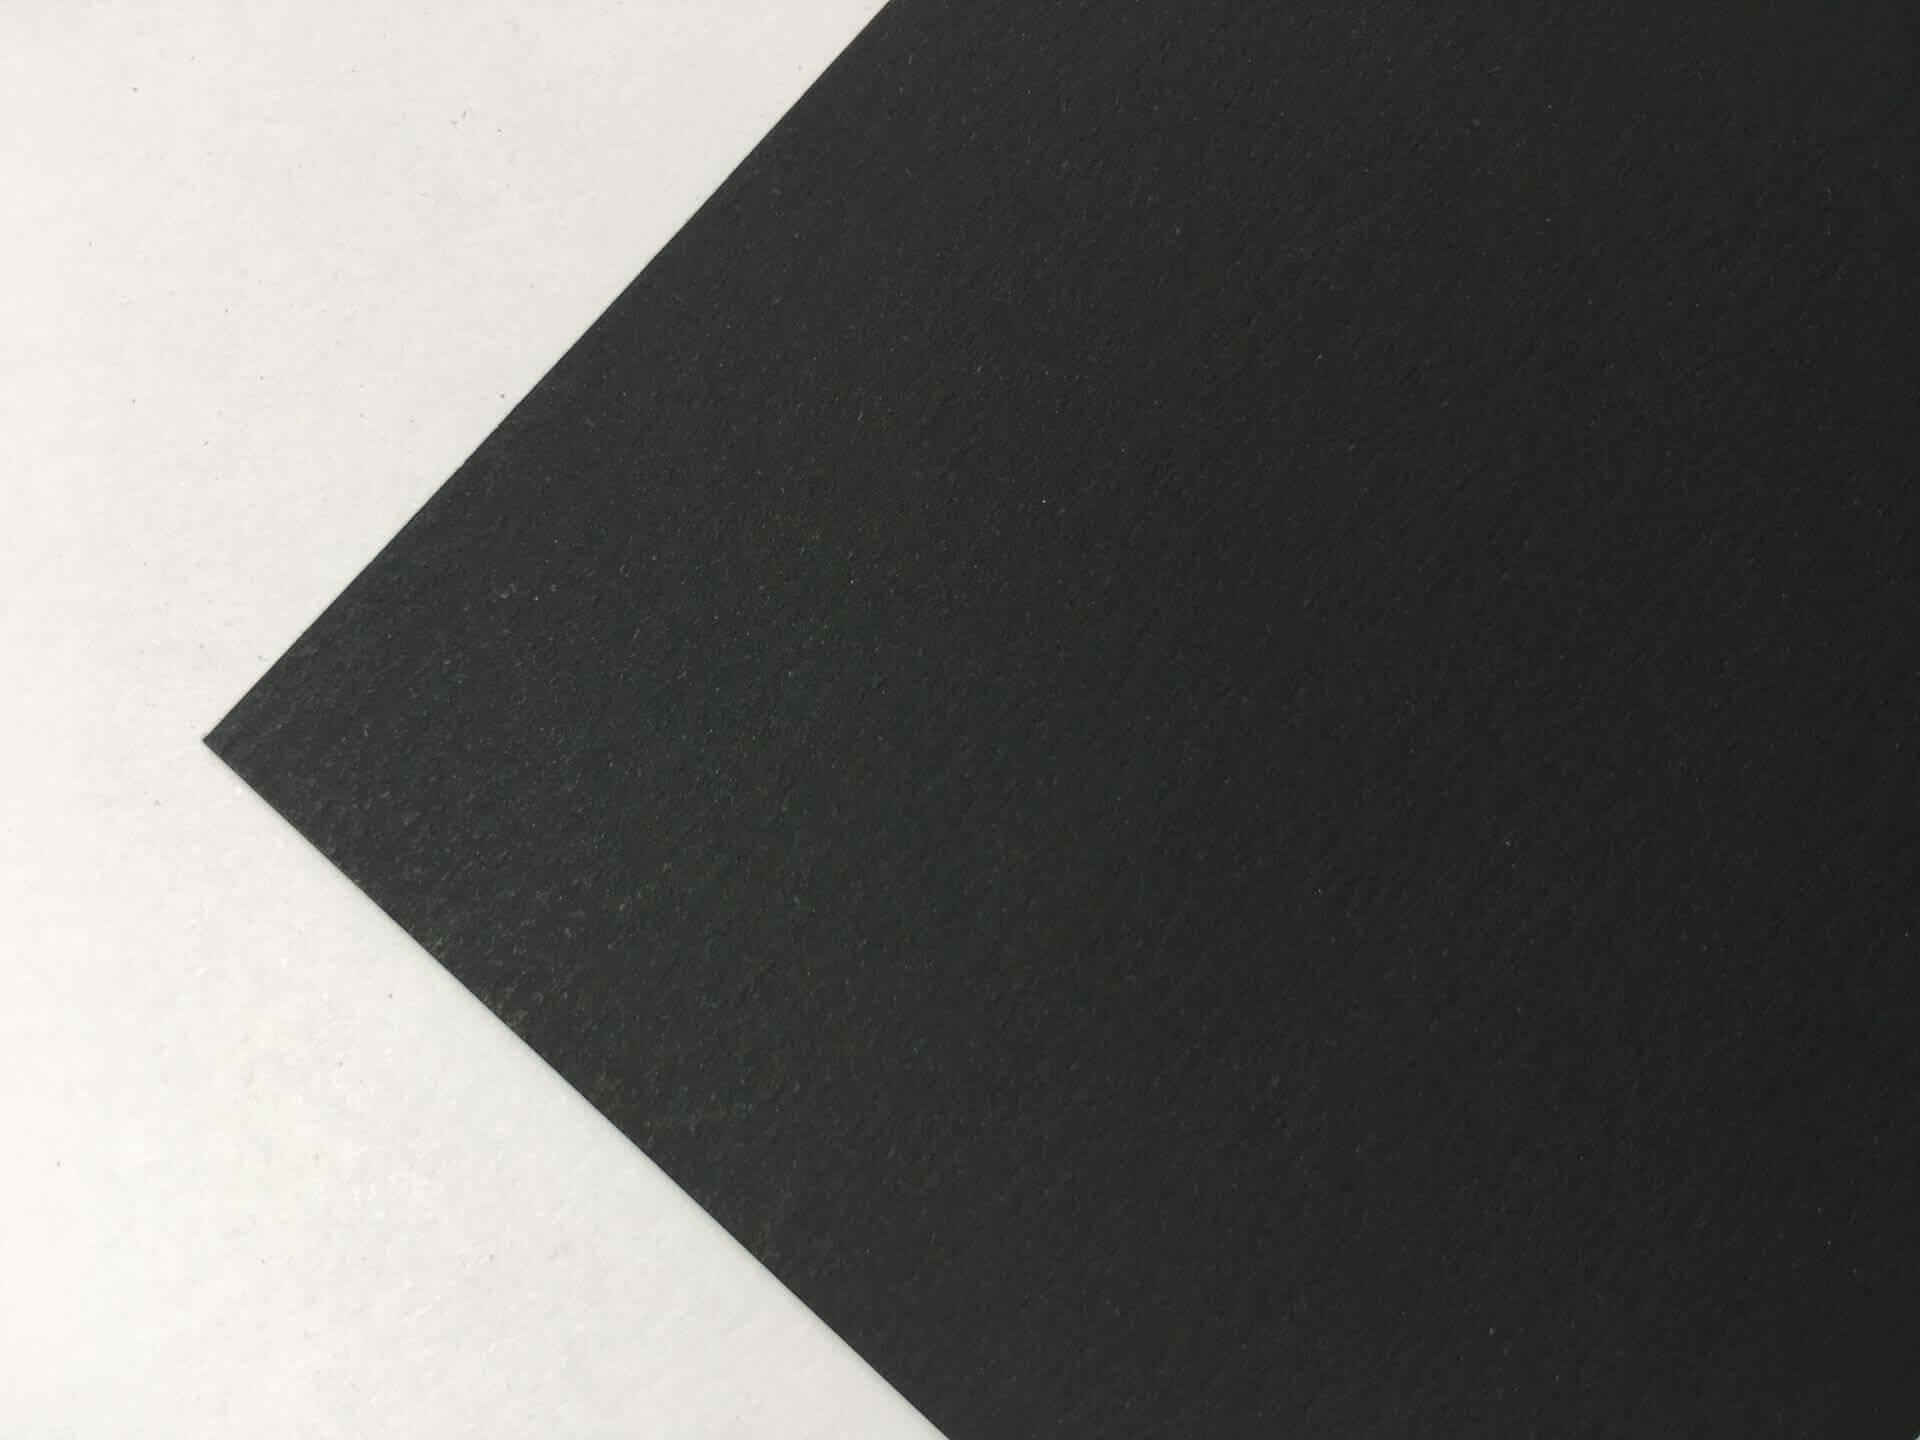 Sirio color nero